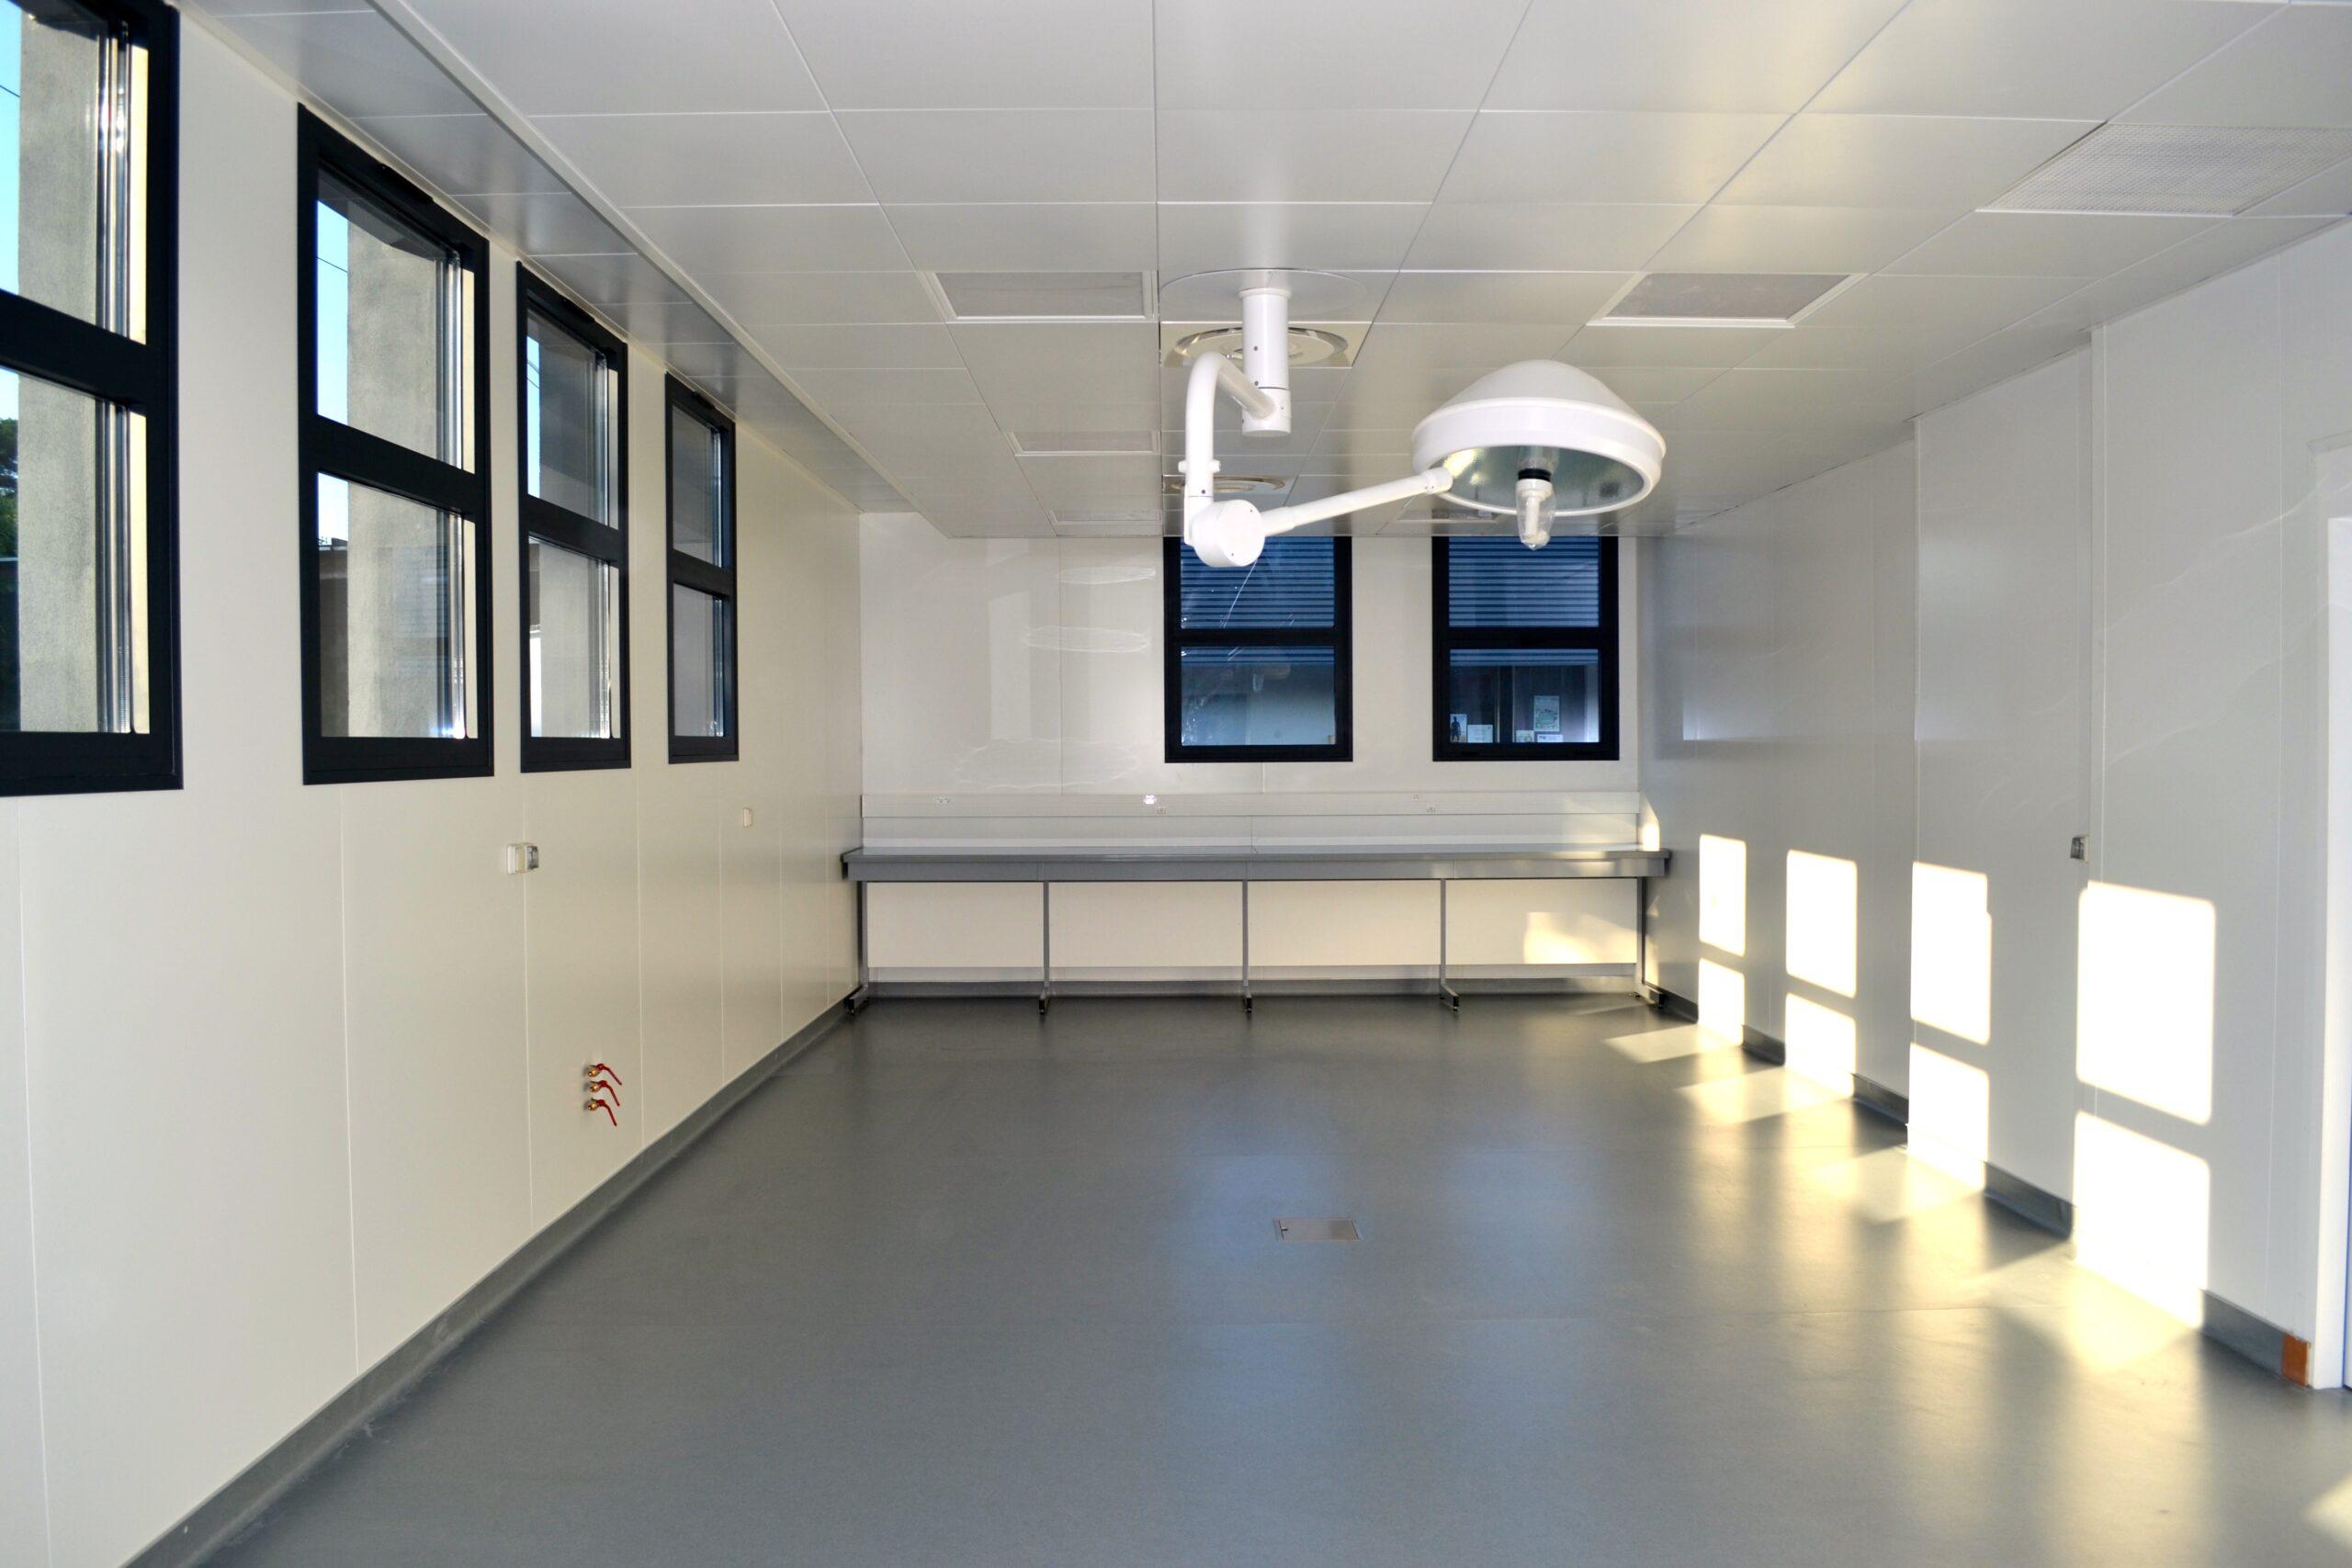 amenagement des doublages, salles blanches, plafonds et menuiseries affleurantes.